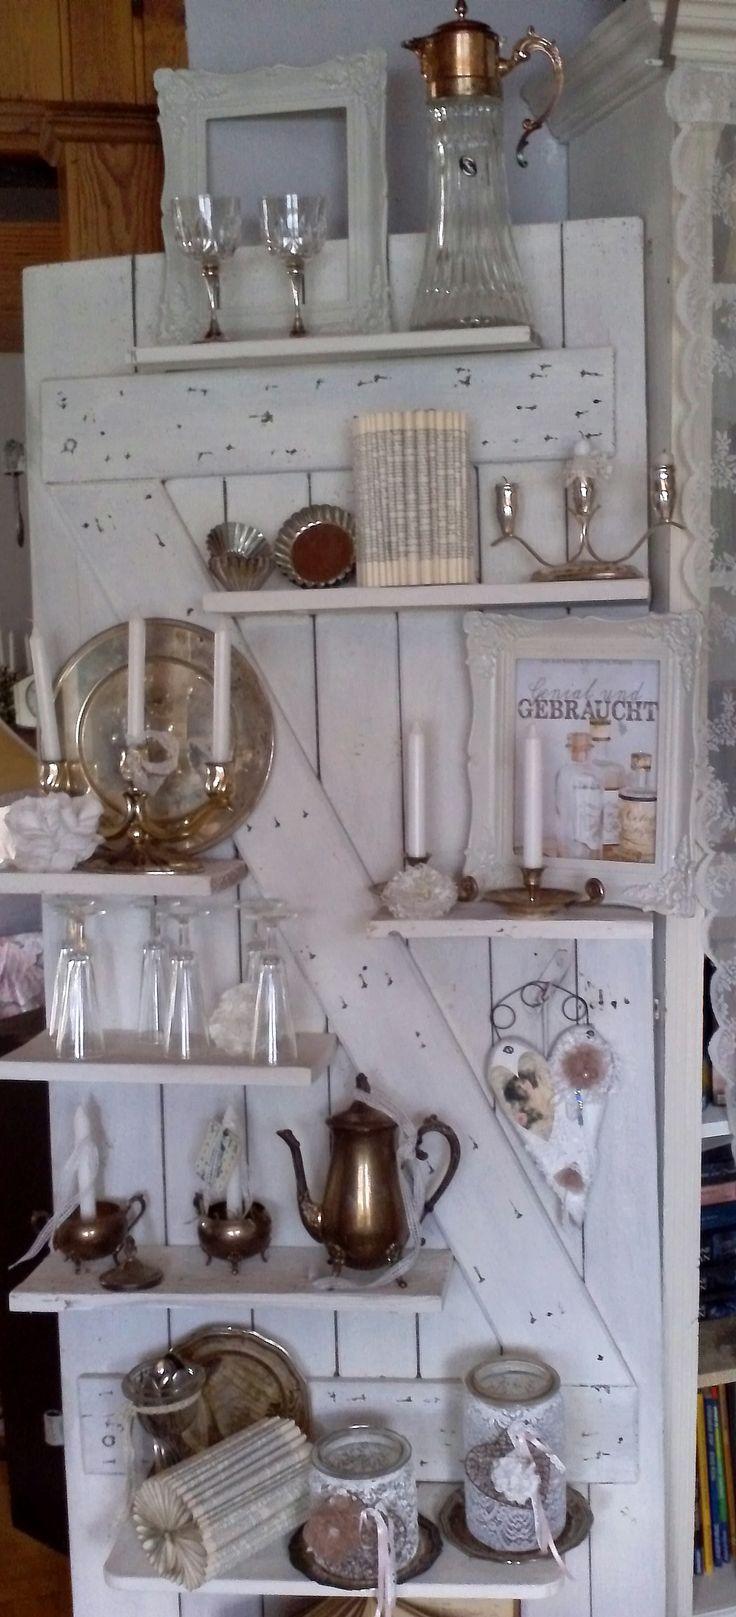 best 25 t rblatt ideas on pinterest blumengesch ft inneneinrichtung weihnachtsdekoration f r. Black Bedroom Furniture Sets. Home Design Ideas